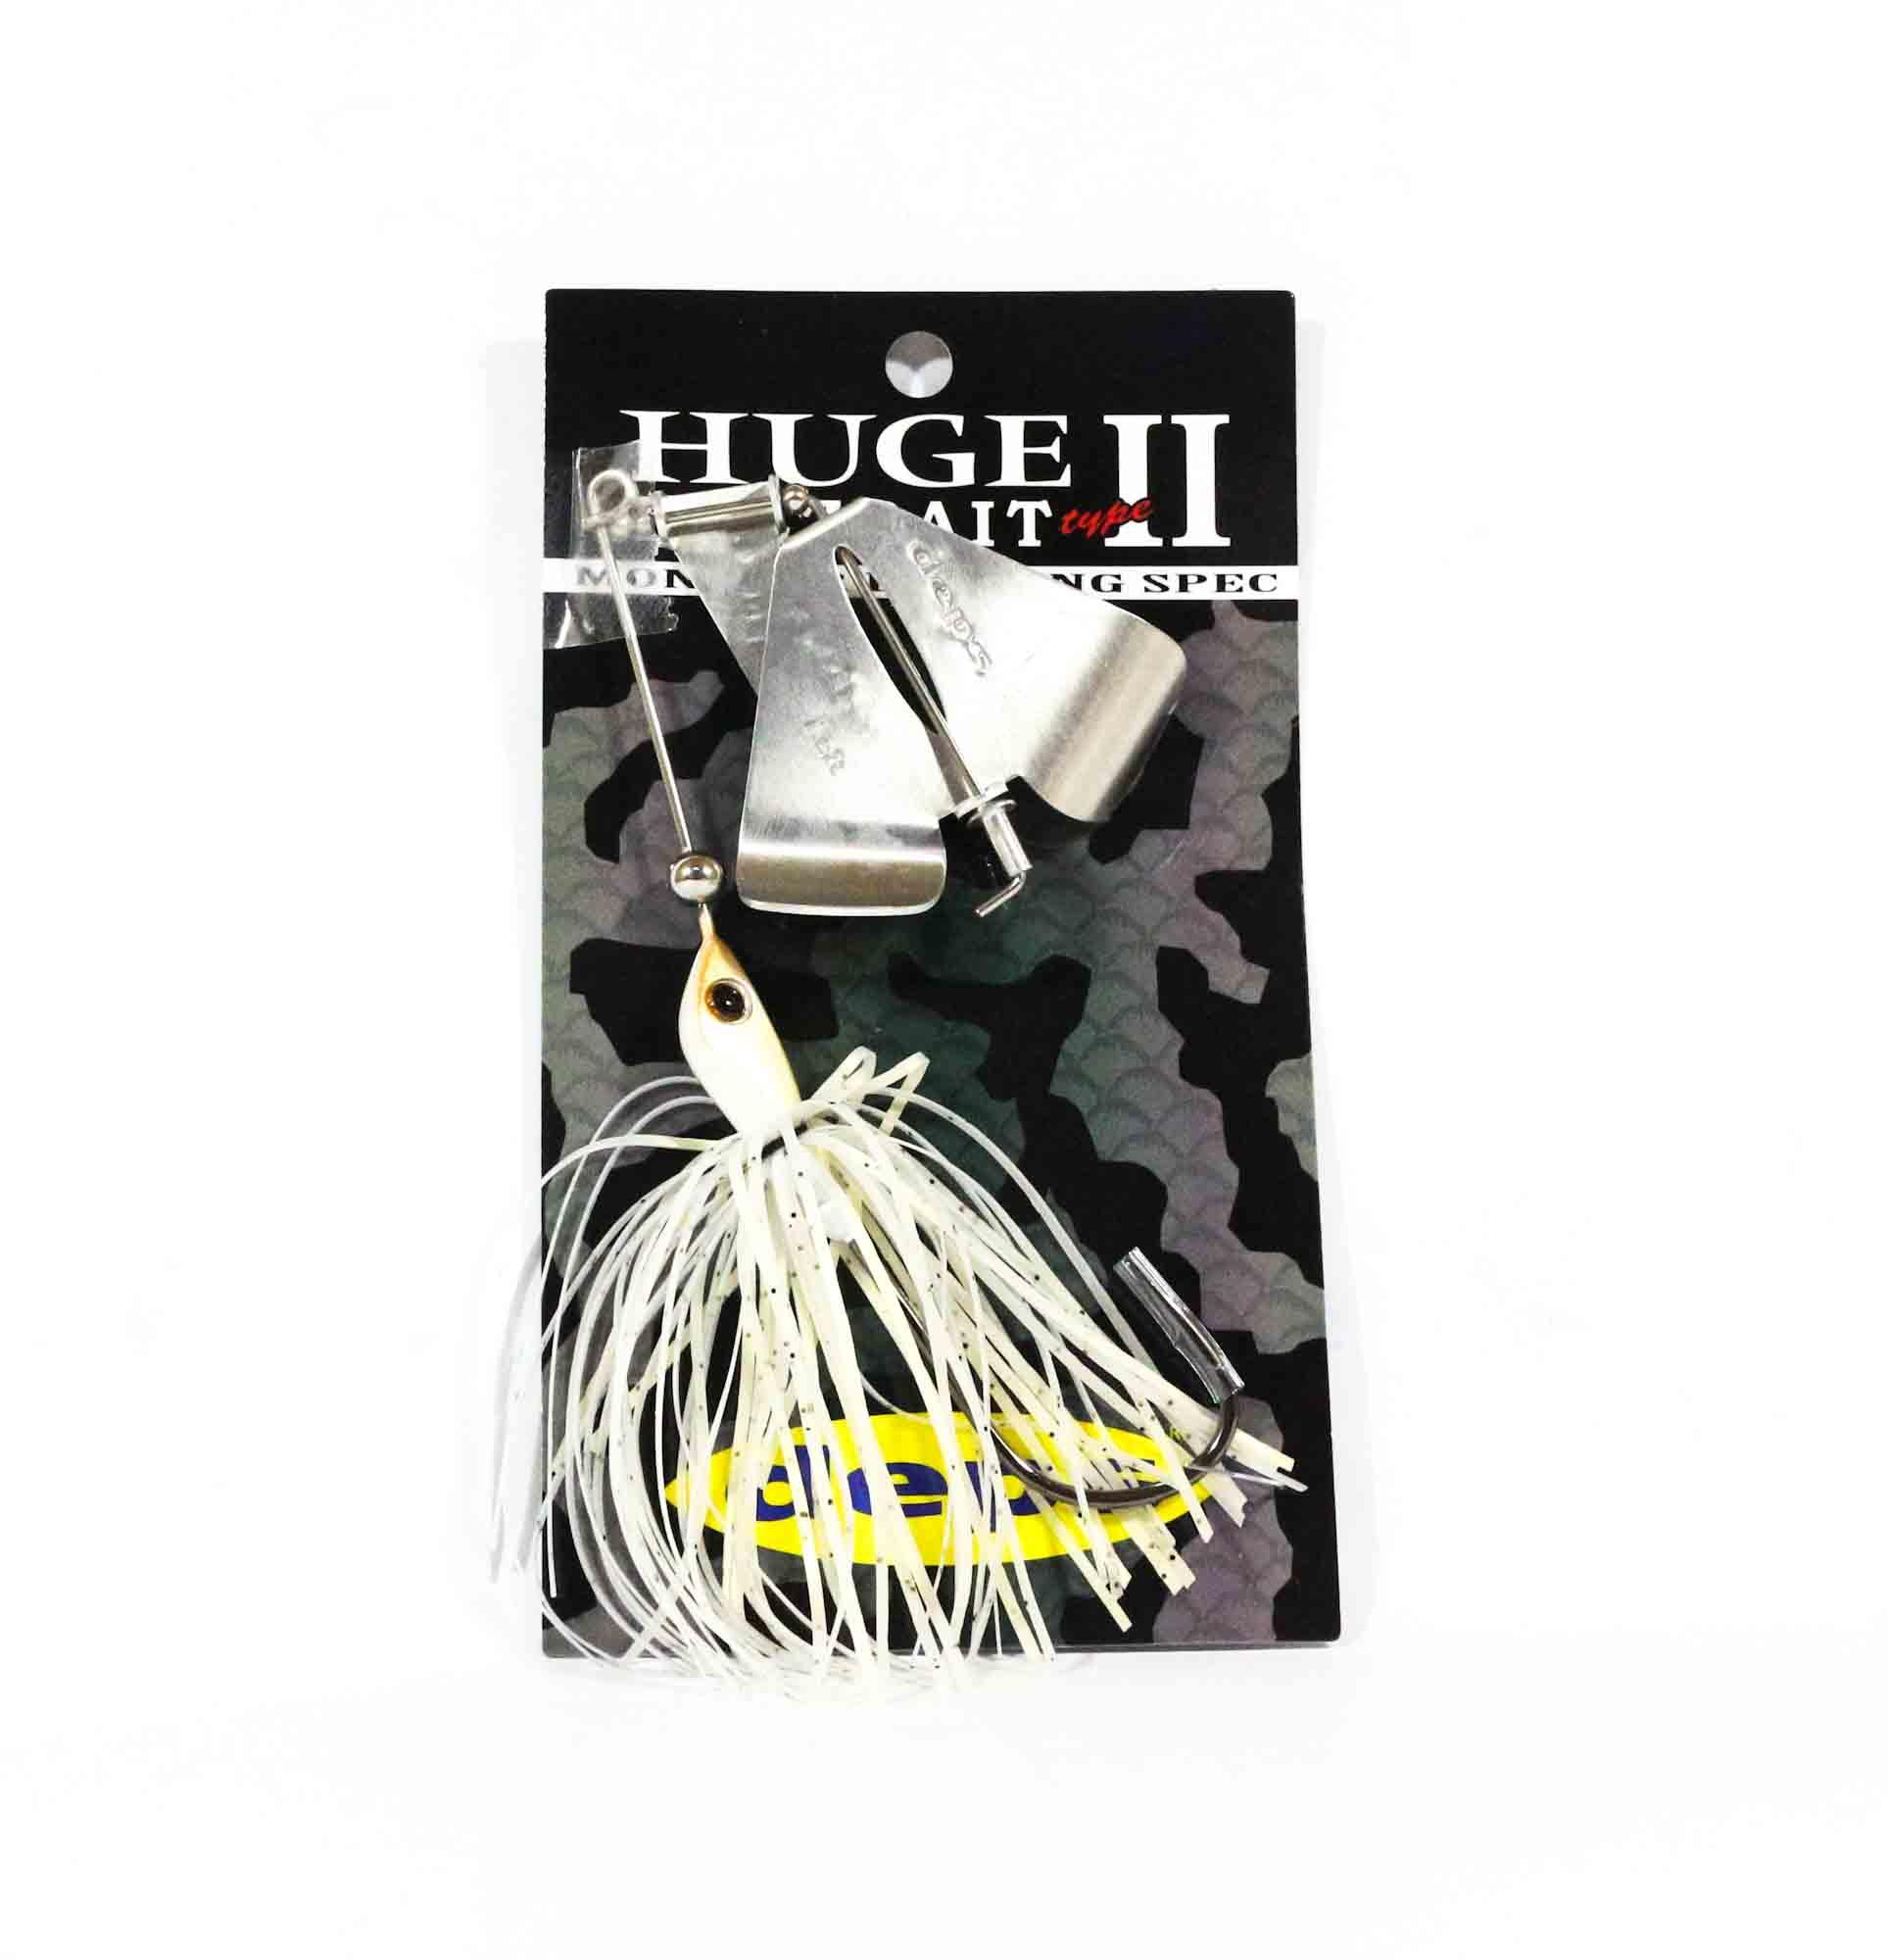 Deps Huge Custom Buzz Bait Type II 1/2 oz Hook Size 9/0 02 (3020)